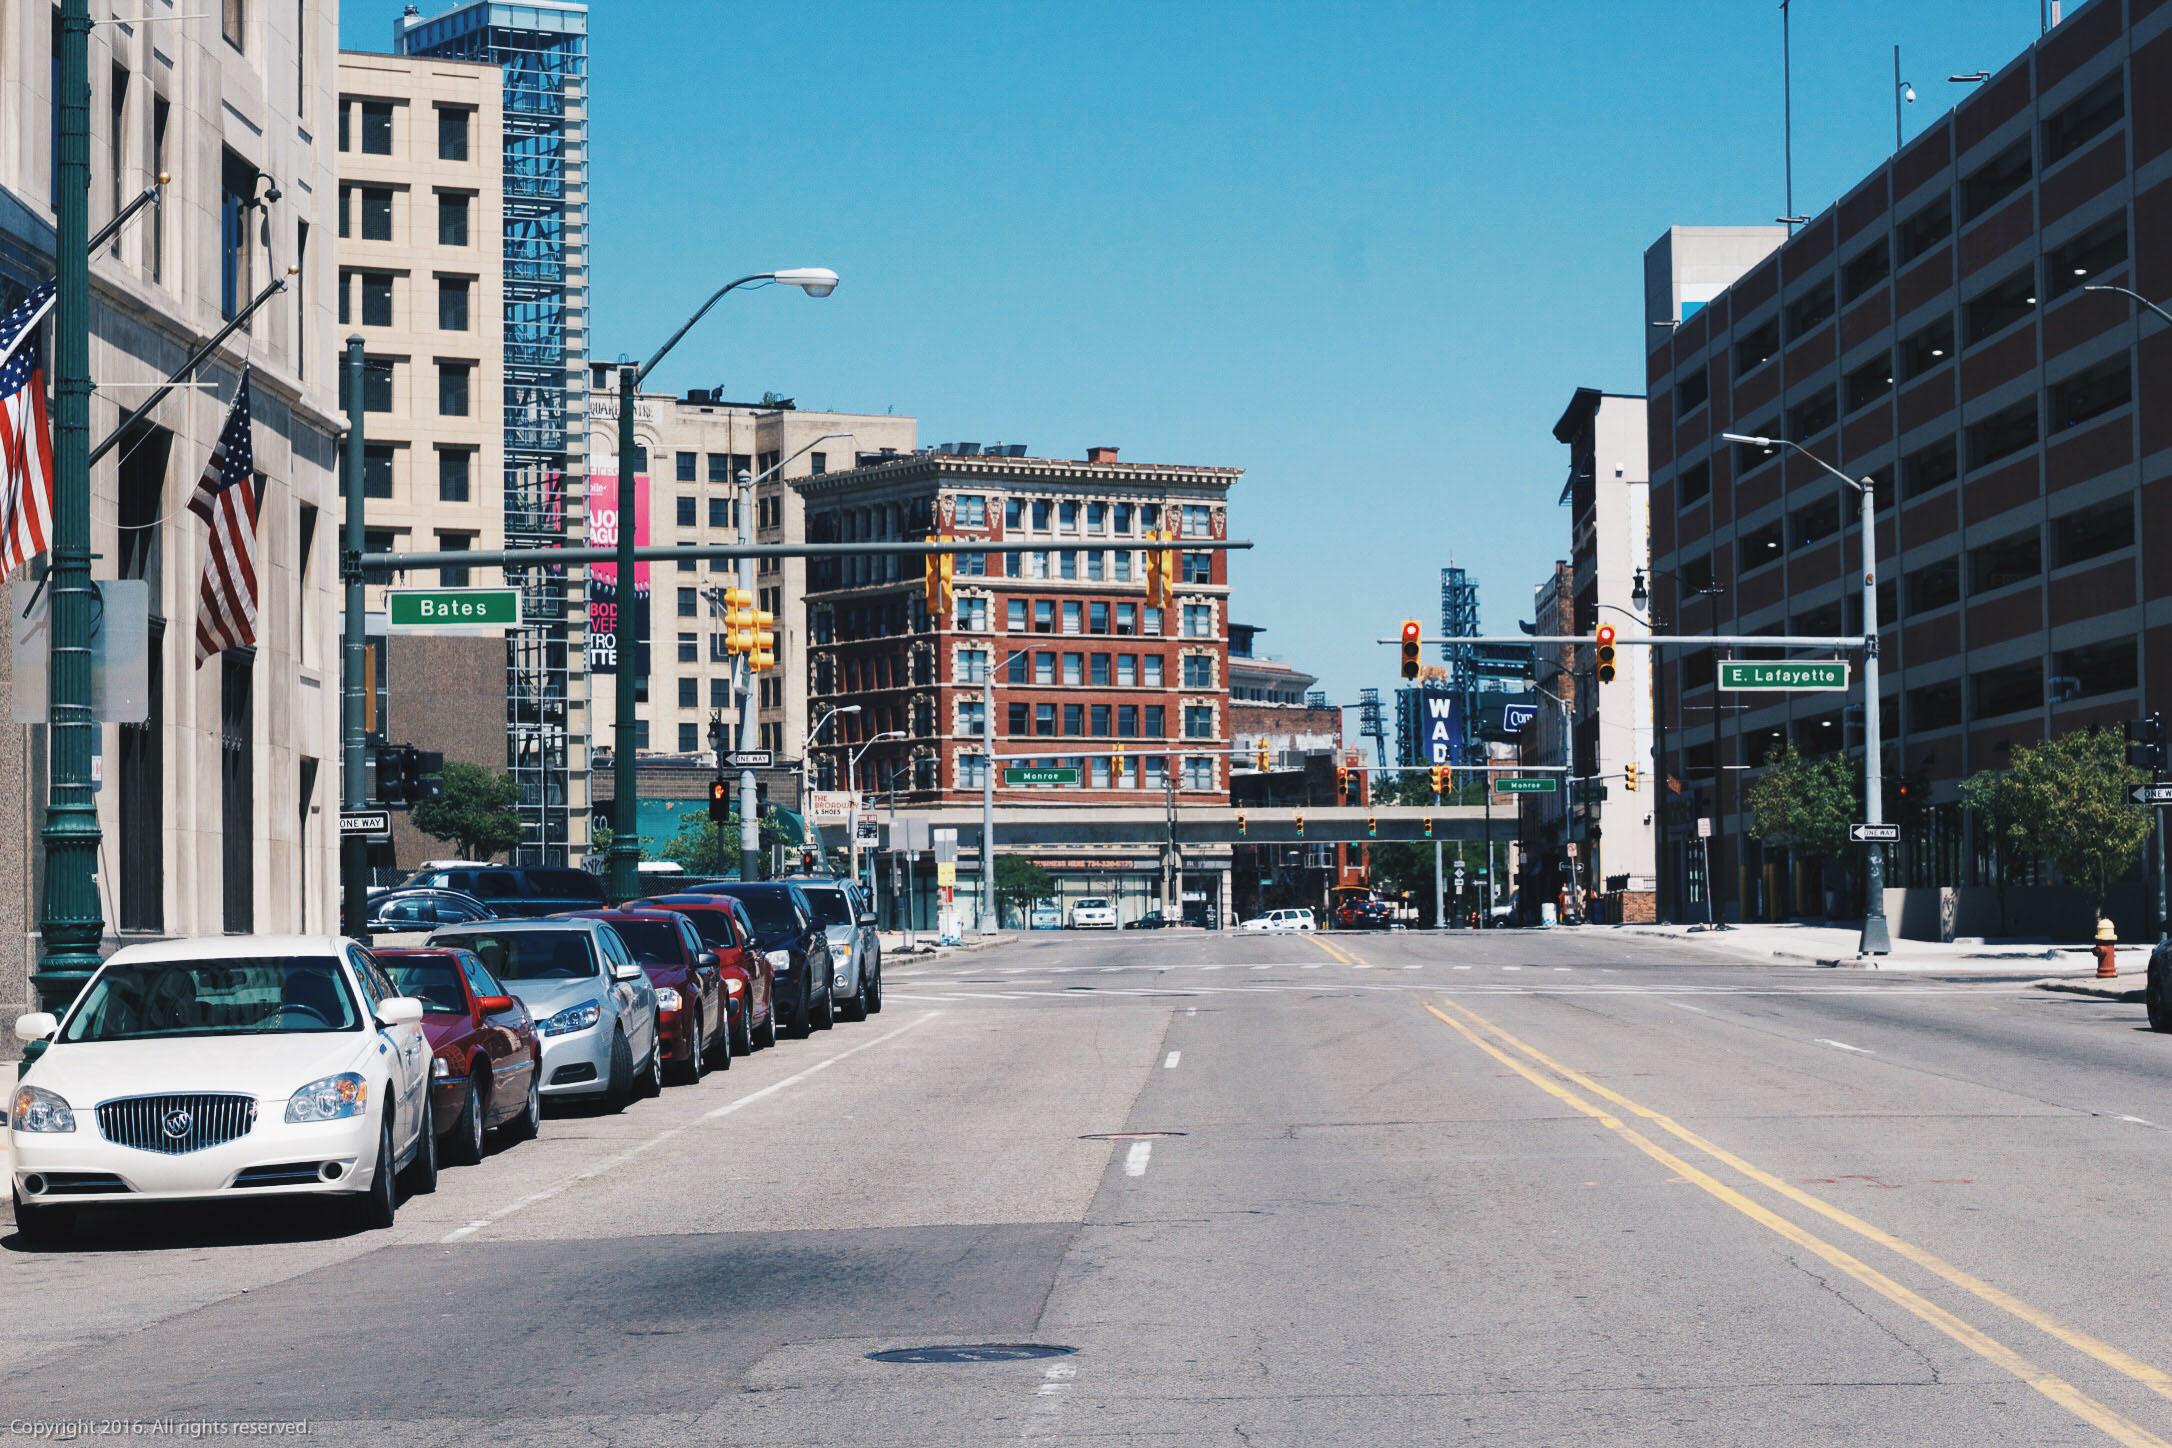 Detroit_Downtown_Lafayette Street.jpg